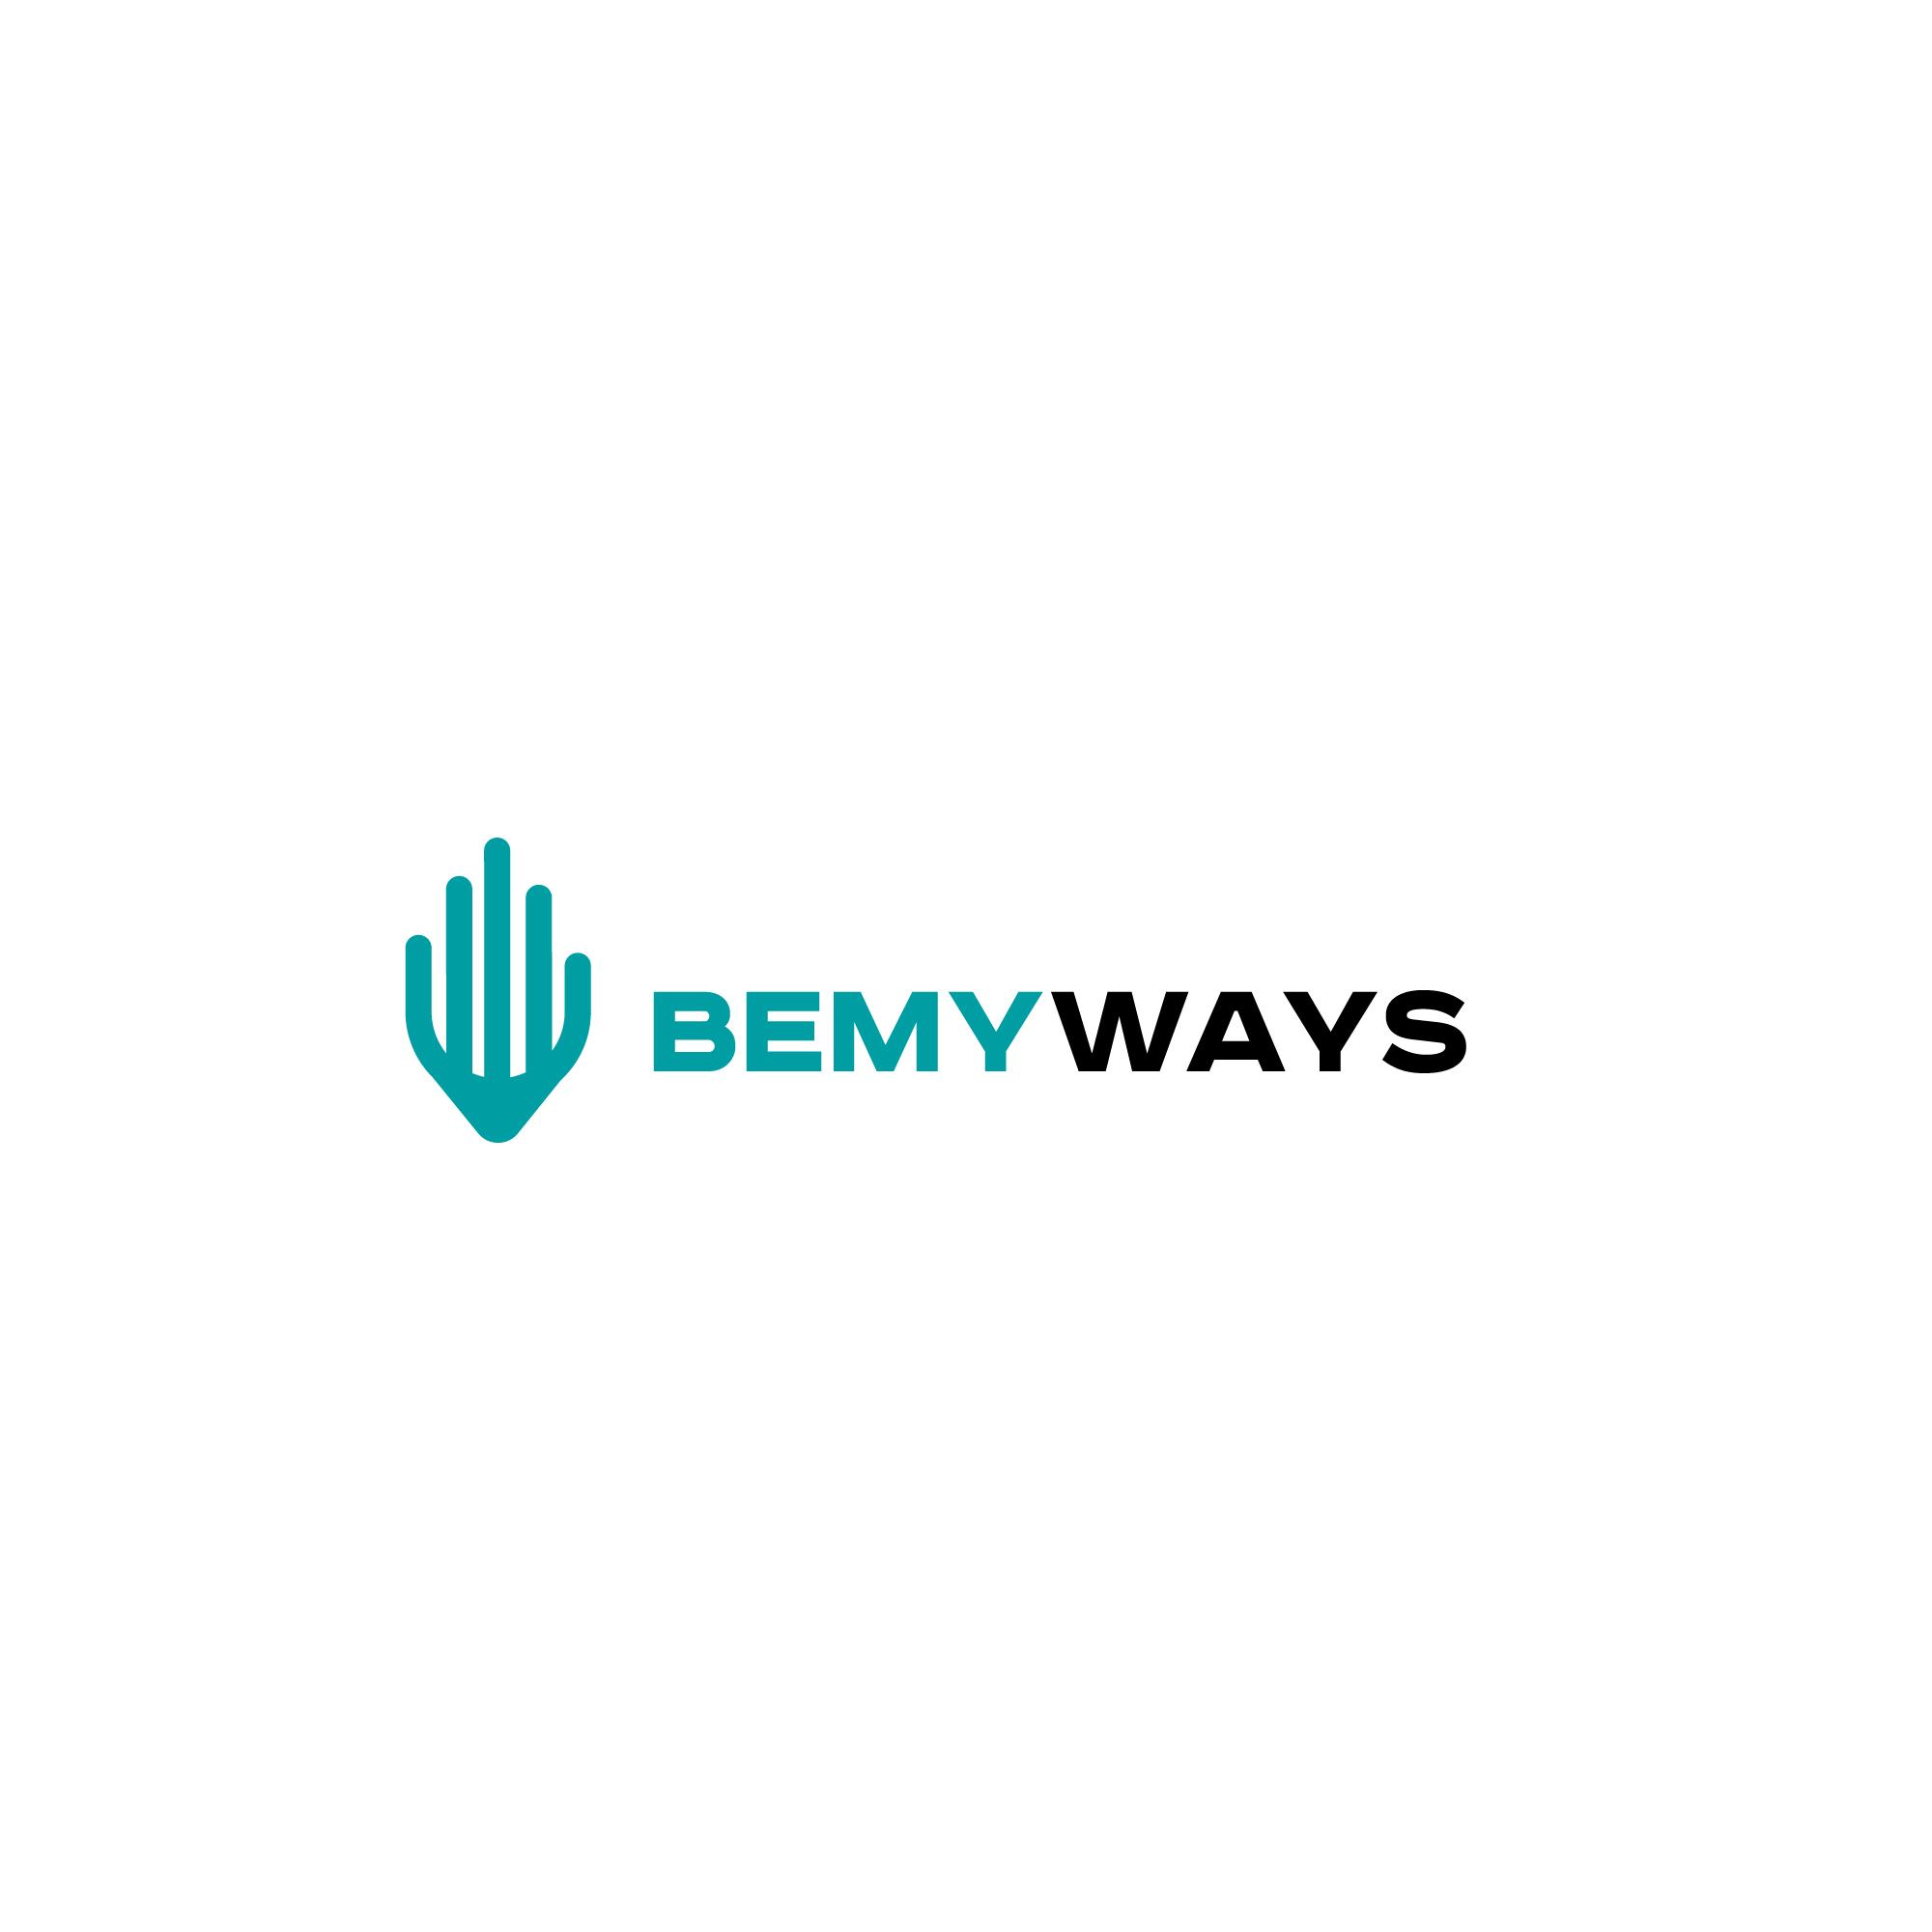 Разработка логотипа и иконки для Travel Video Platform фото f_5775c38c33592ac4.jpg